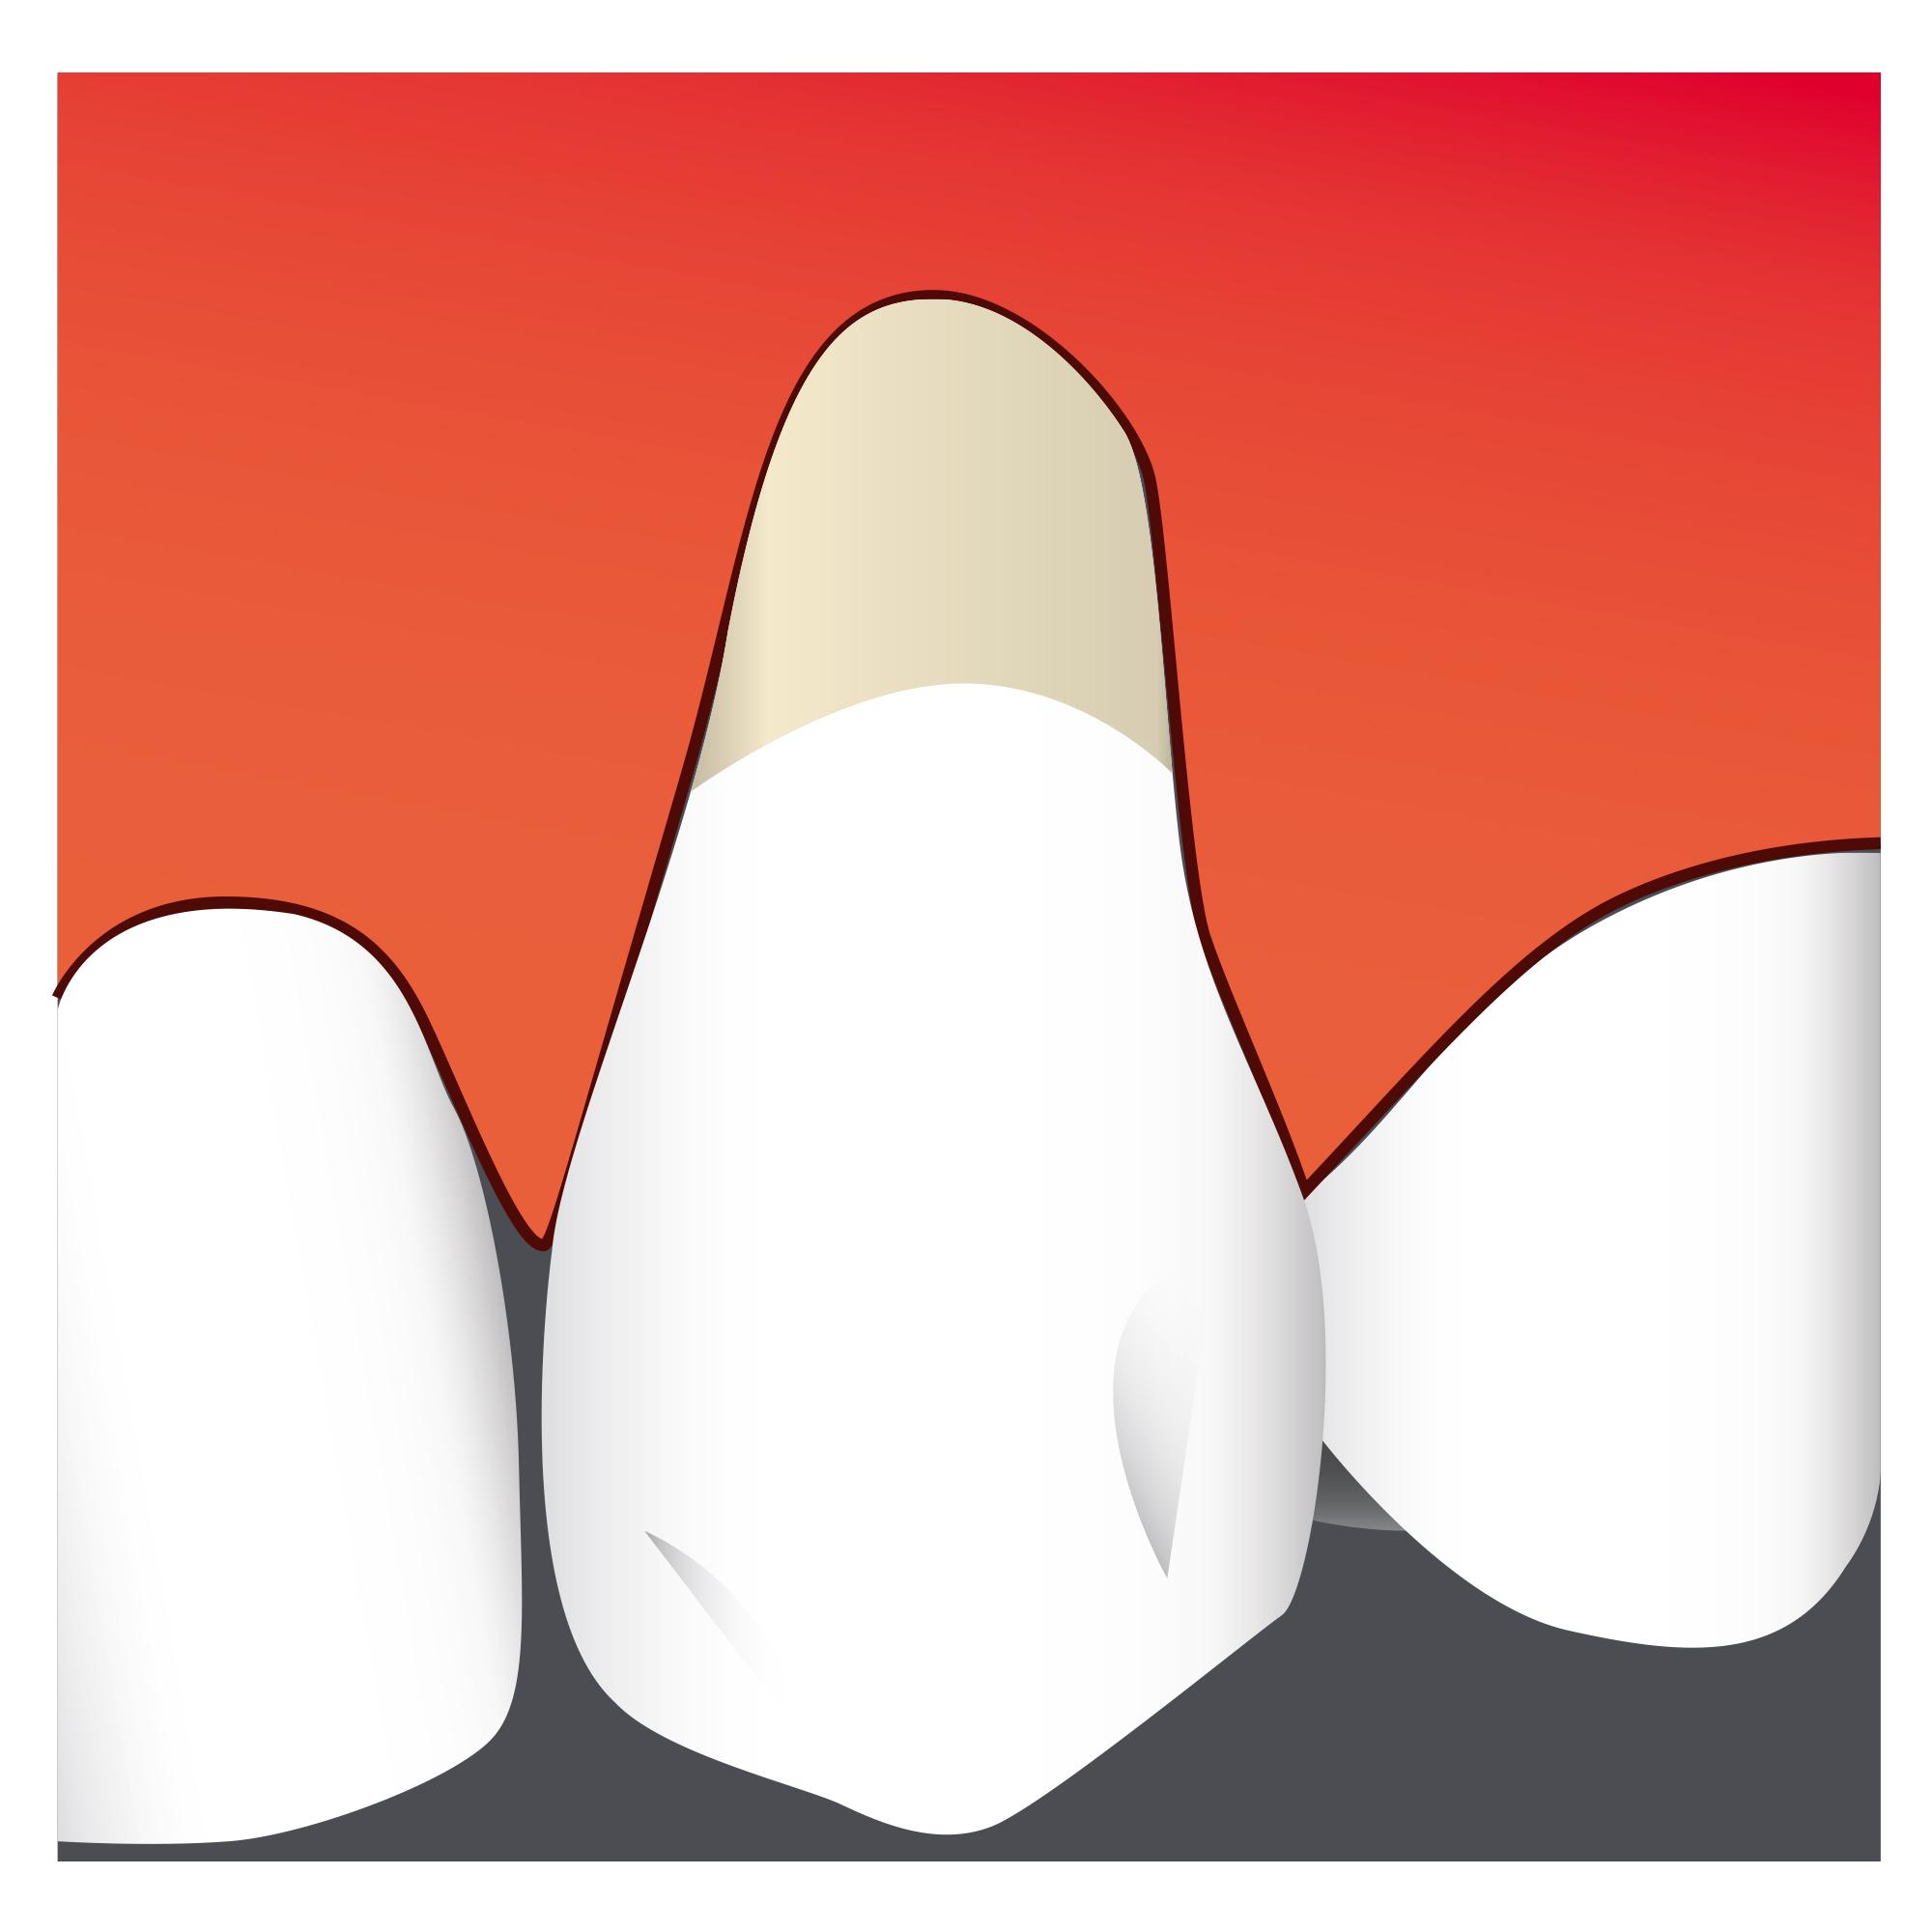 La retracción de la encía produce hipersensibilidad dental y problemas estéticos